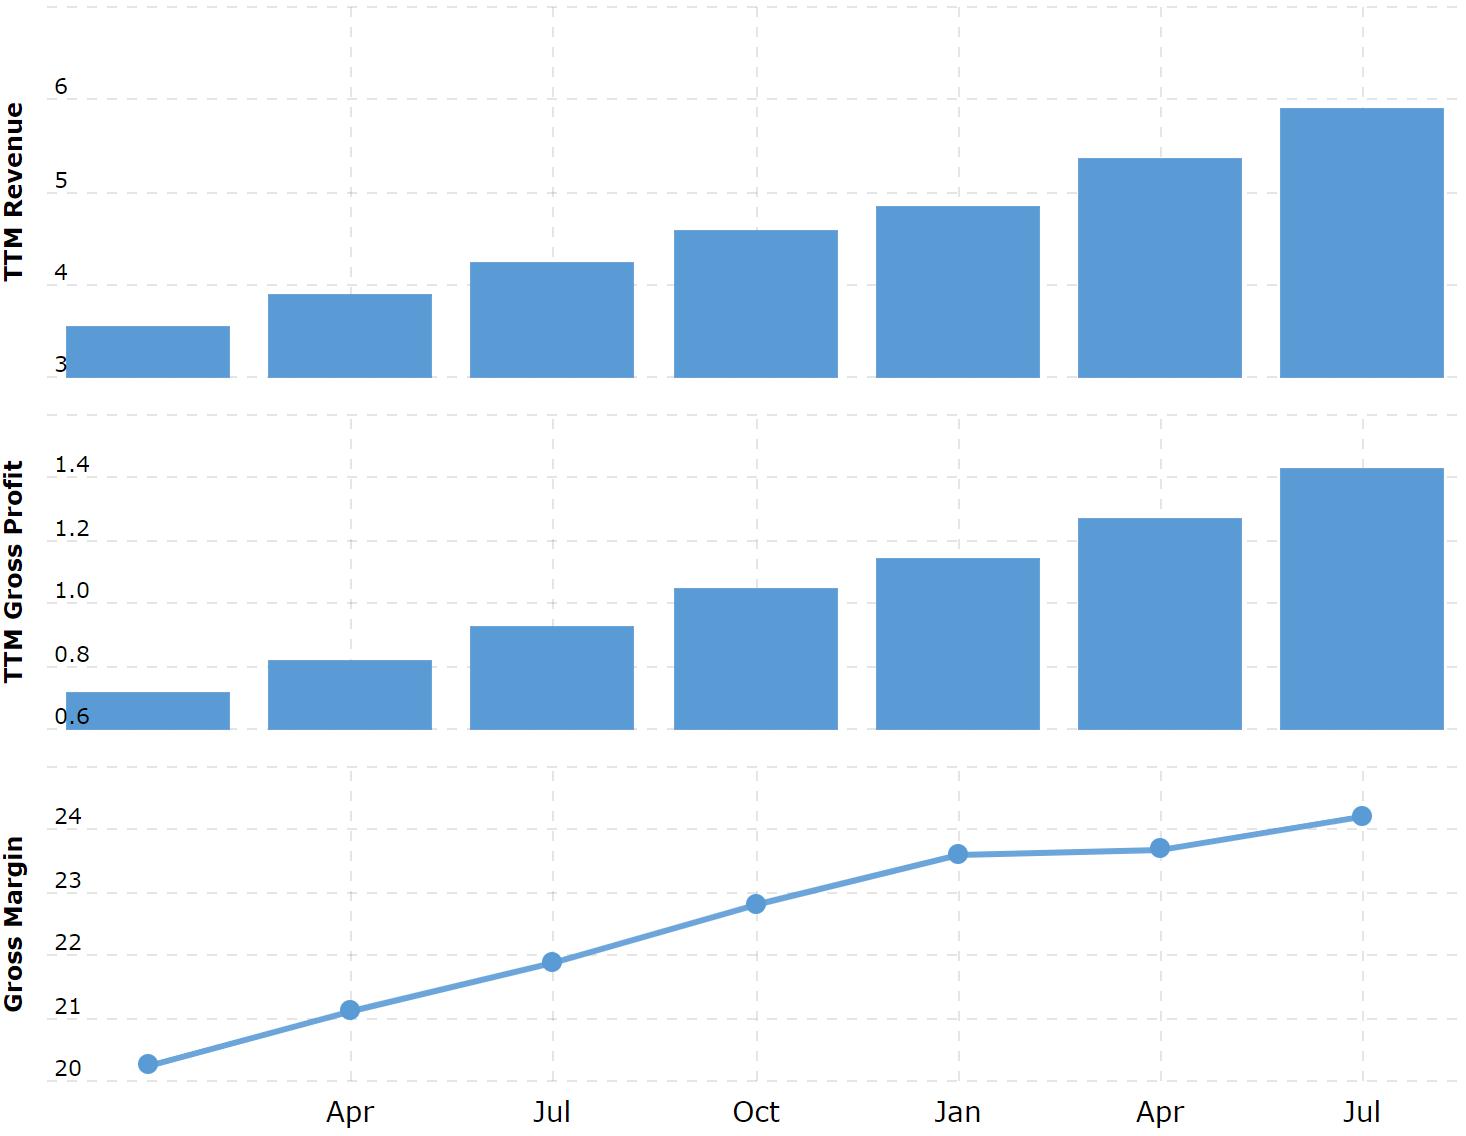 Выручка и валовая выручка за последние 12 месяцев в миллиардах долларов, валовая маржинальность в процентах от выручки. Источник: Macrotrends